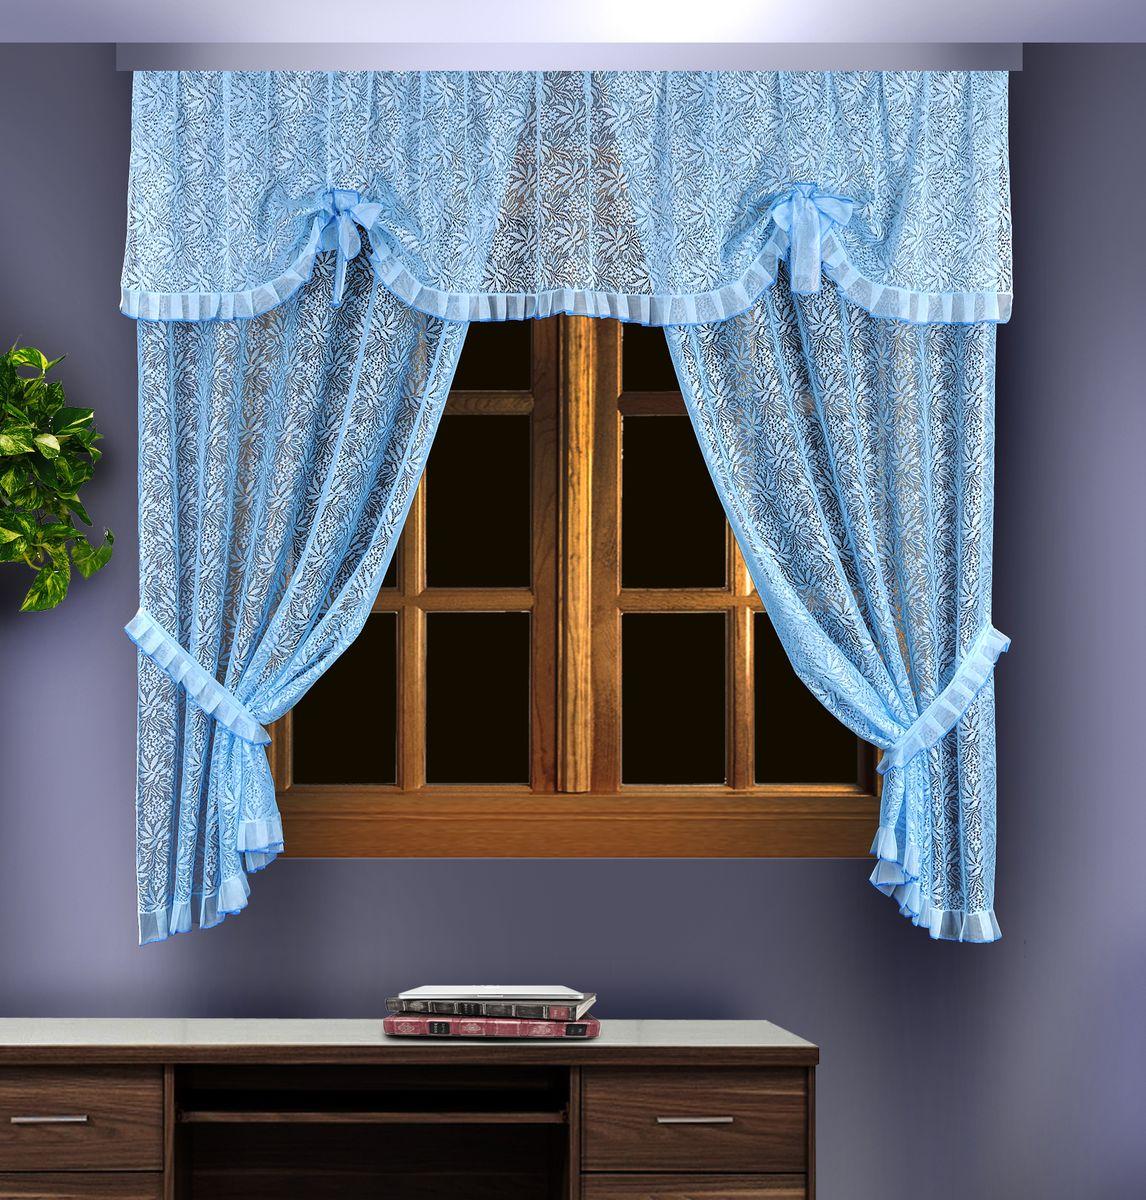 Комплект штор для кухни Zlata Korunka, цвет: голубой, высота 180 см. 8883688836Комплект штор Zlata Korunka, изготовленный из полиэстера голубого цвета, станет великолепным украшением кухонного окна. Шторы выполнены из сетчатого материала и декорированы цветочным рисунком. В комплект входят 2 шторы, ламбрекен и 2 подхвата. Тонкое плетение и оригинальный дизайн привлекут к себе внимание и органично впишутся в интерьер. Верхняя часть комплекта не оснащена креплениями. В комплект входит: Ламбрекен: 1 шт. Размер (Ш х В): 250 см х 55 см. Штора: 2 шт. Размер (Ш х В): 125 см х 180 см. Подхват: 2 шт.